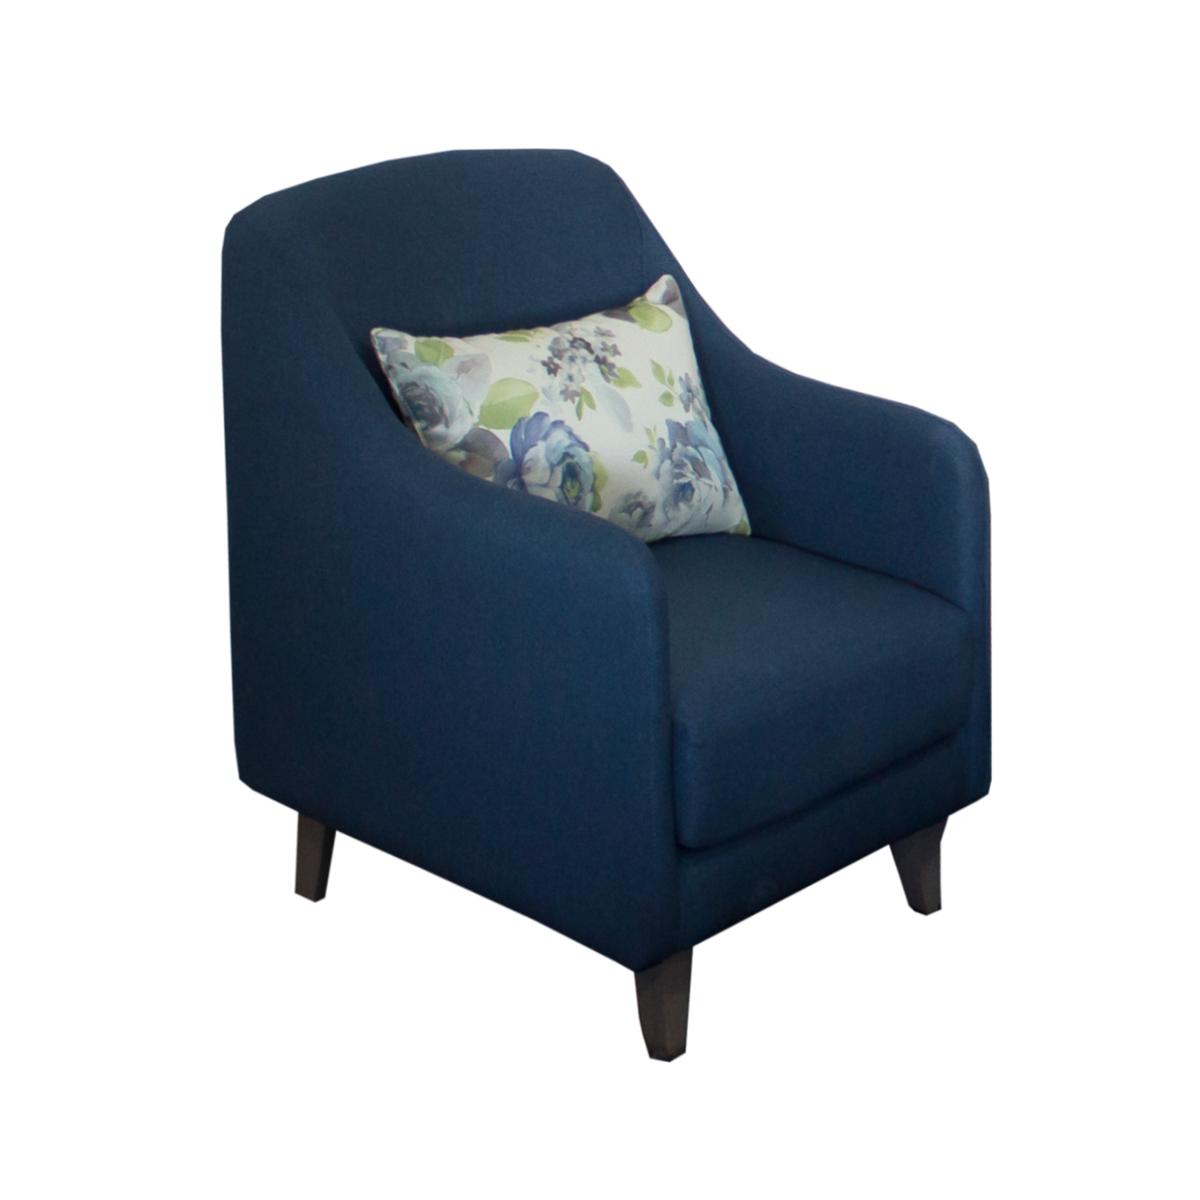 sessel br ssel erinnert an einen cocktailsessel moebel. Black Bedroom Furniture Sets. Home Design Ideas